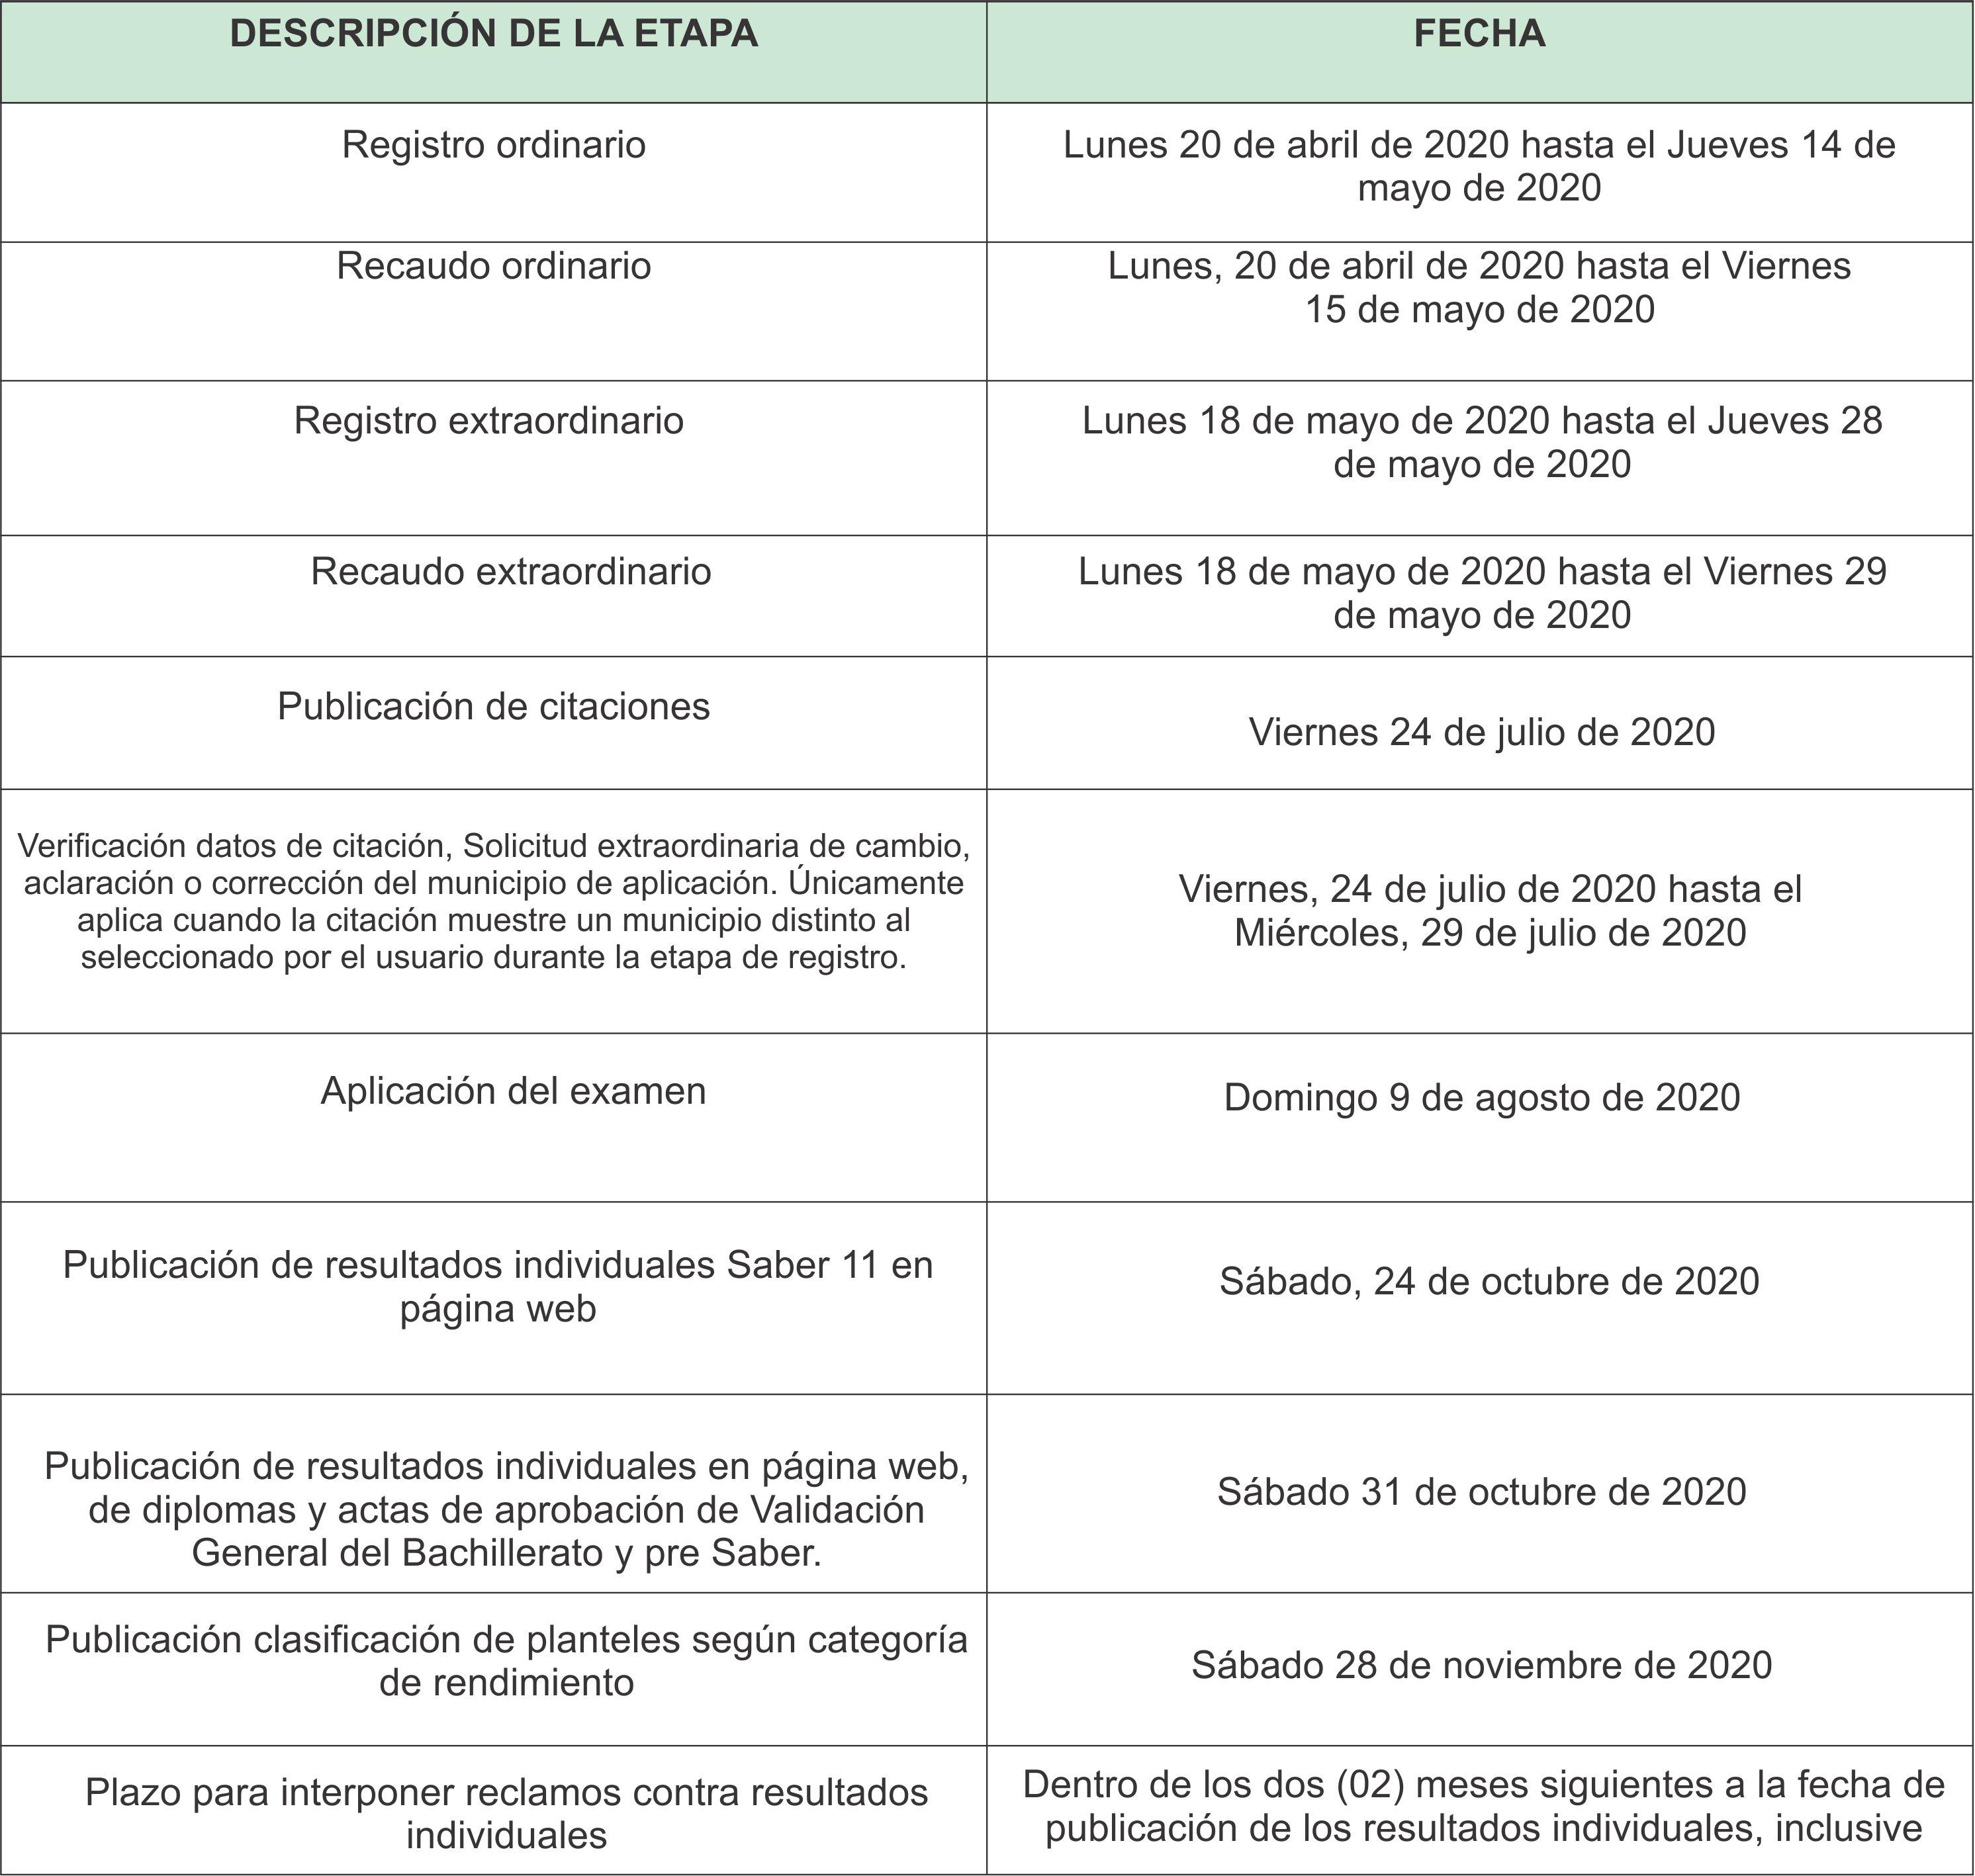 calendario fechas icfes 2020- segundo semestre